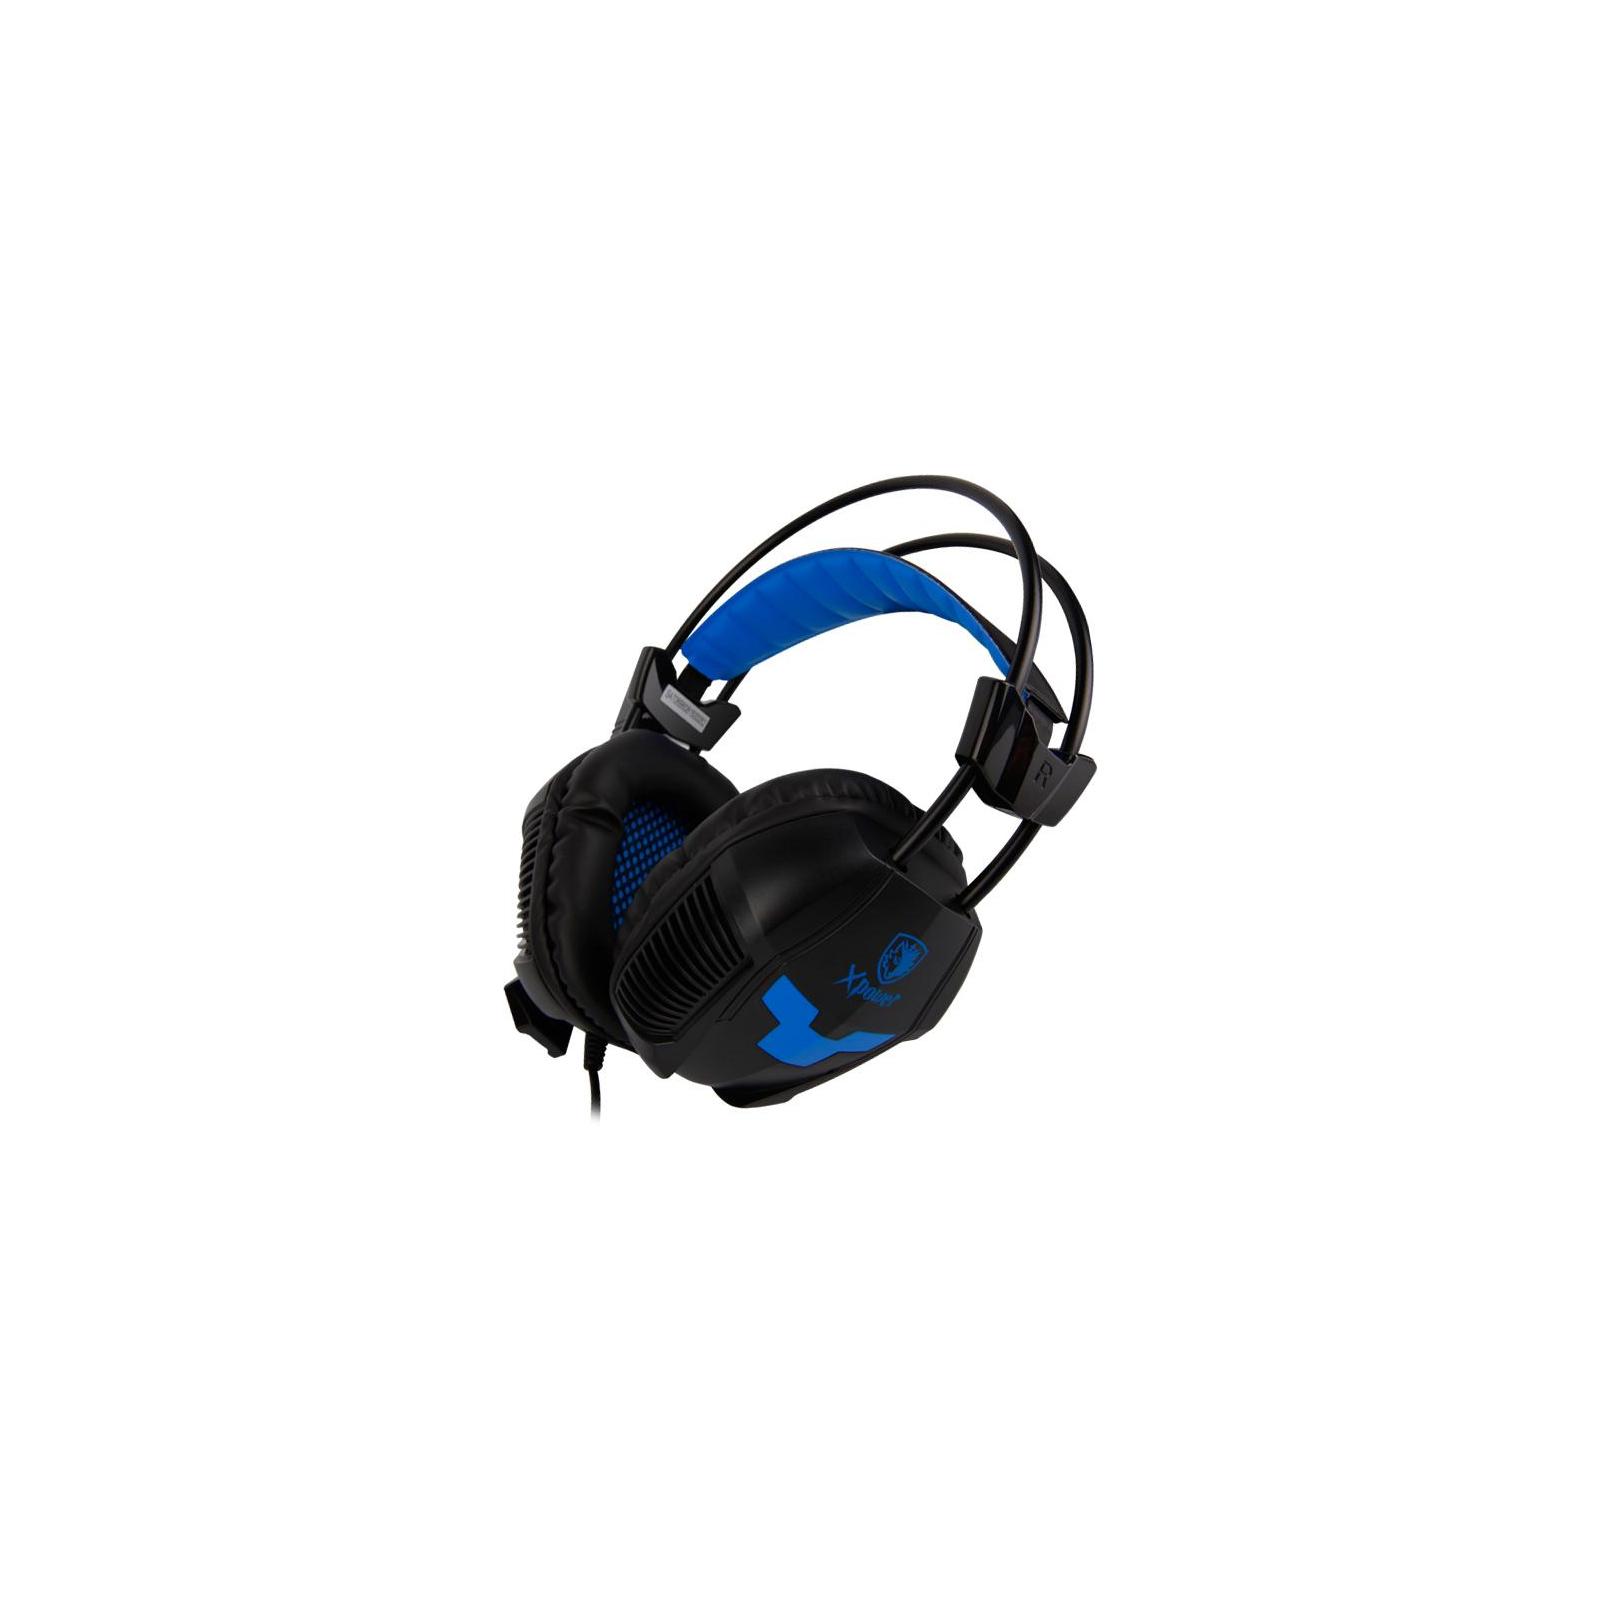 Наушники SADES Xpower Black/Blue (SA706-B-BL) изображение 5